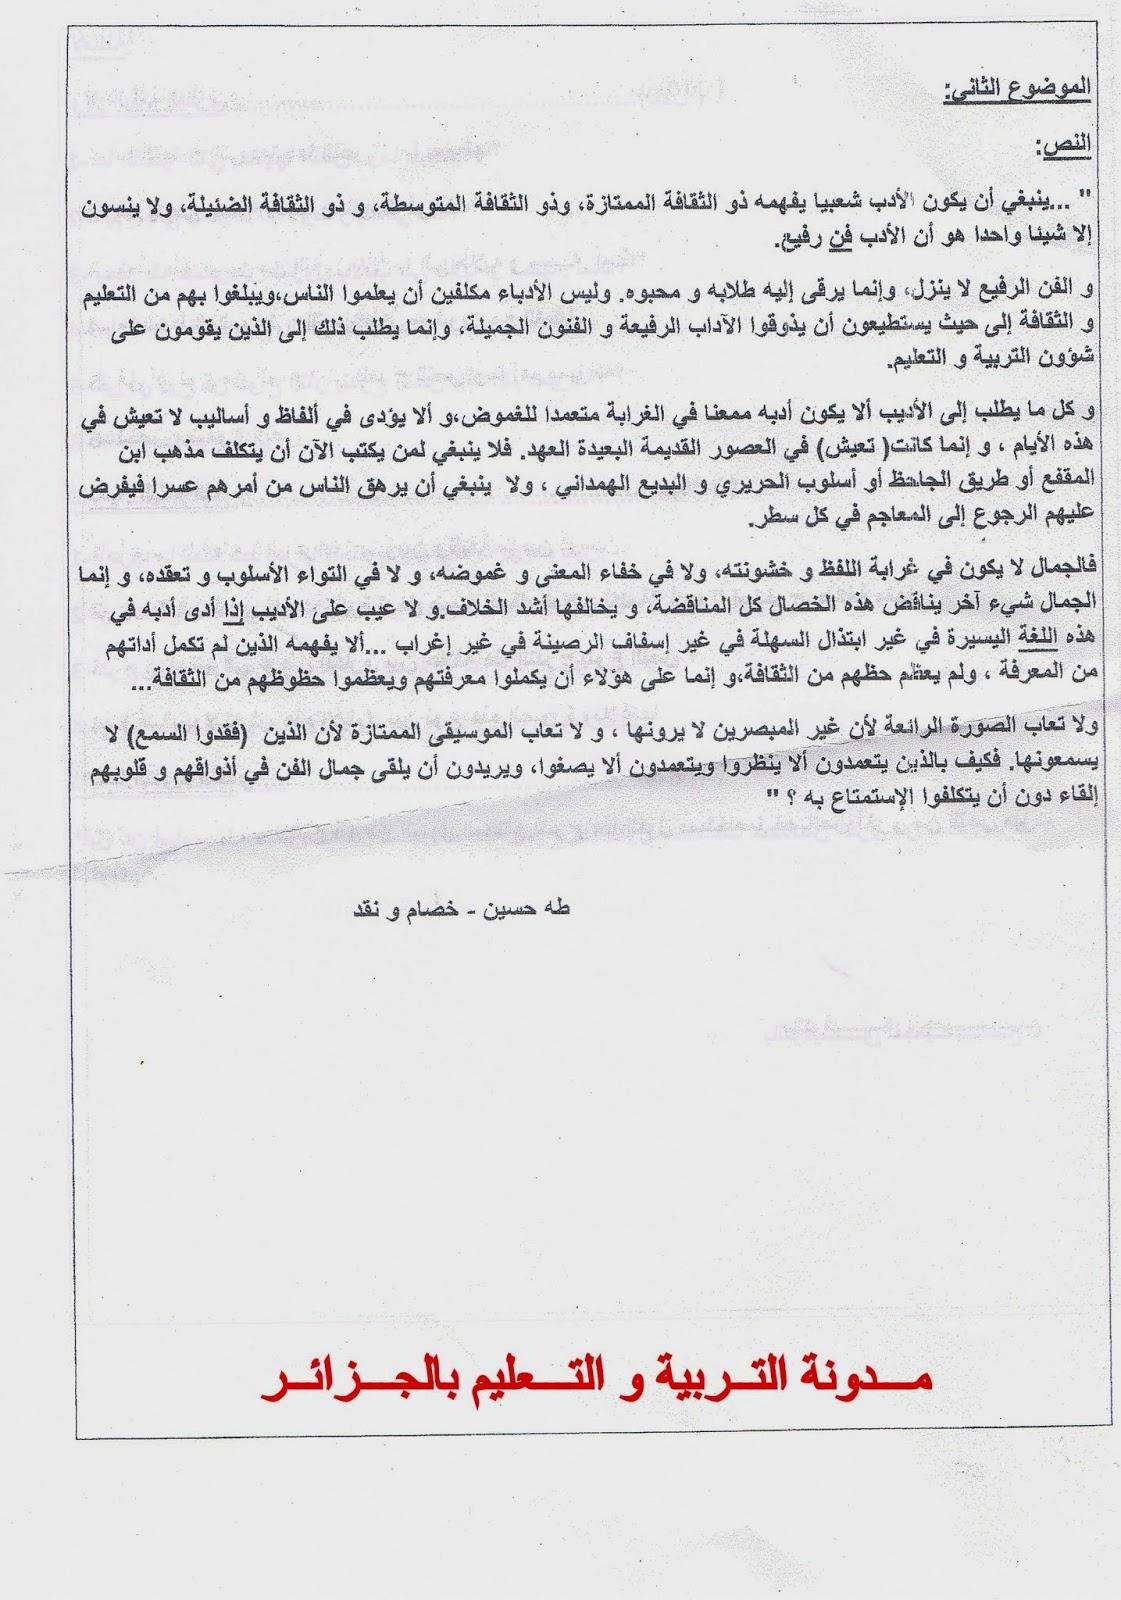 اختبار البكالوريا التجريبي في مادة اللغة العربية وآدابها 222